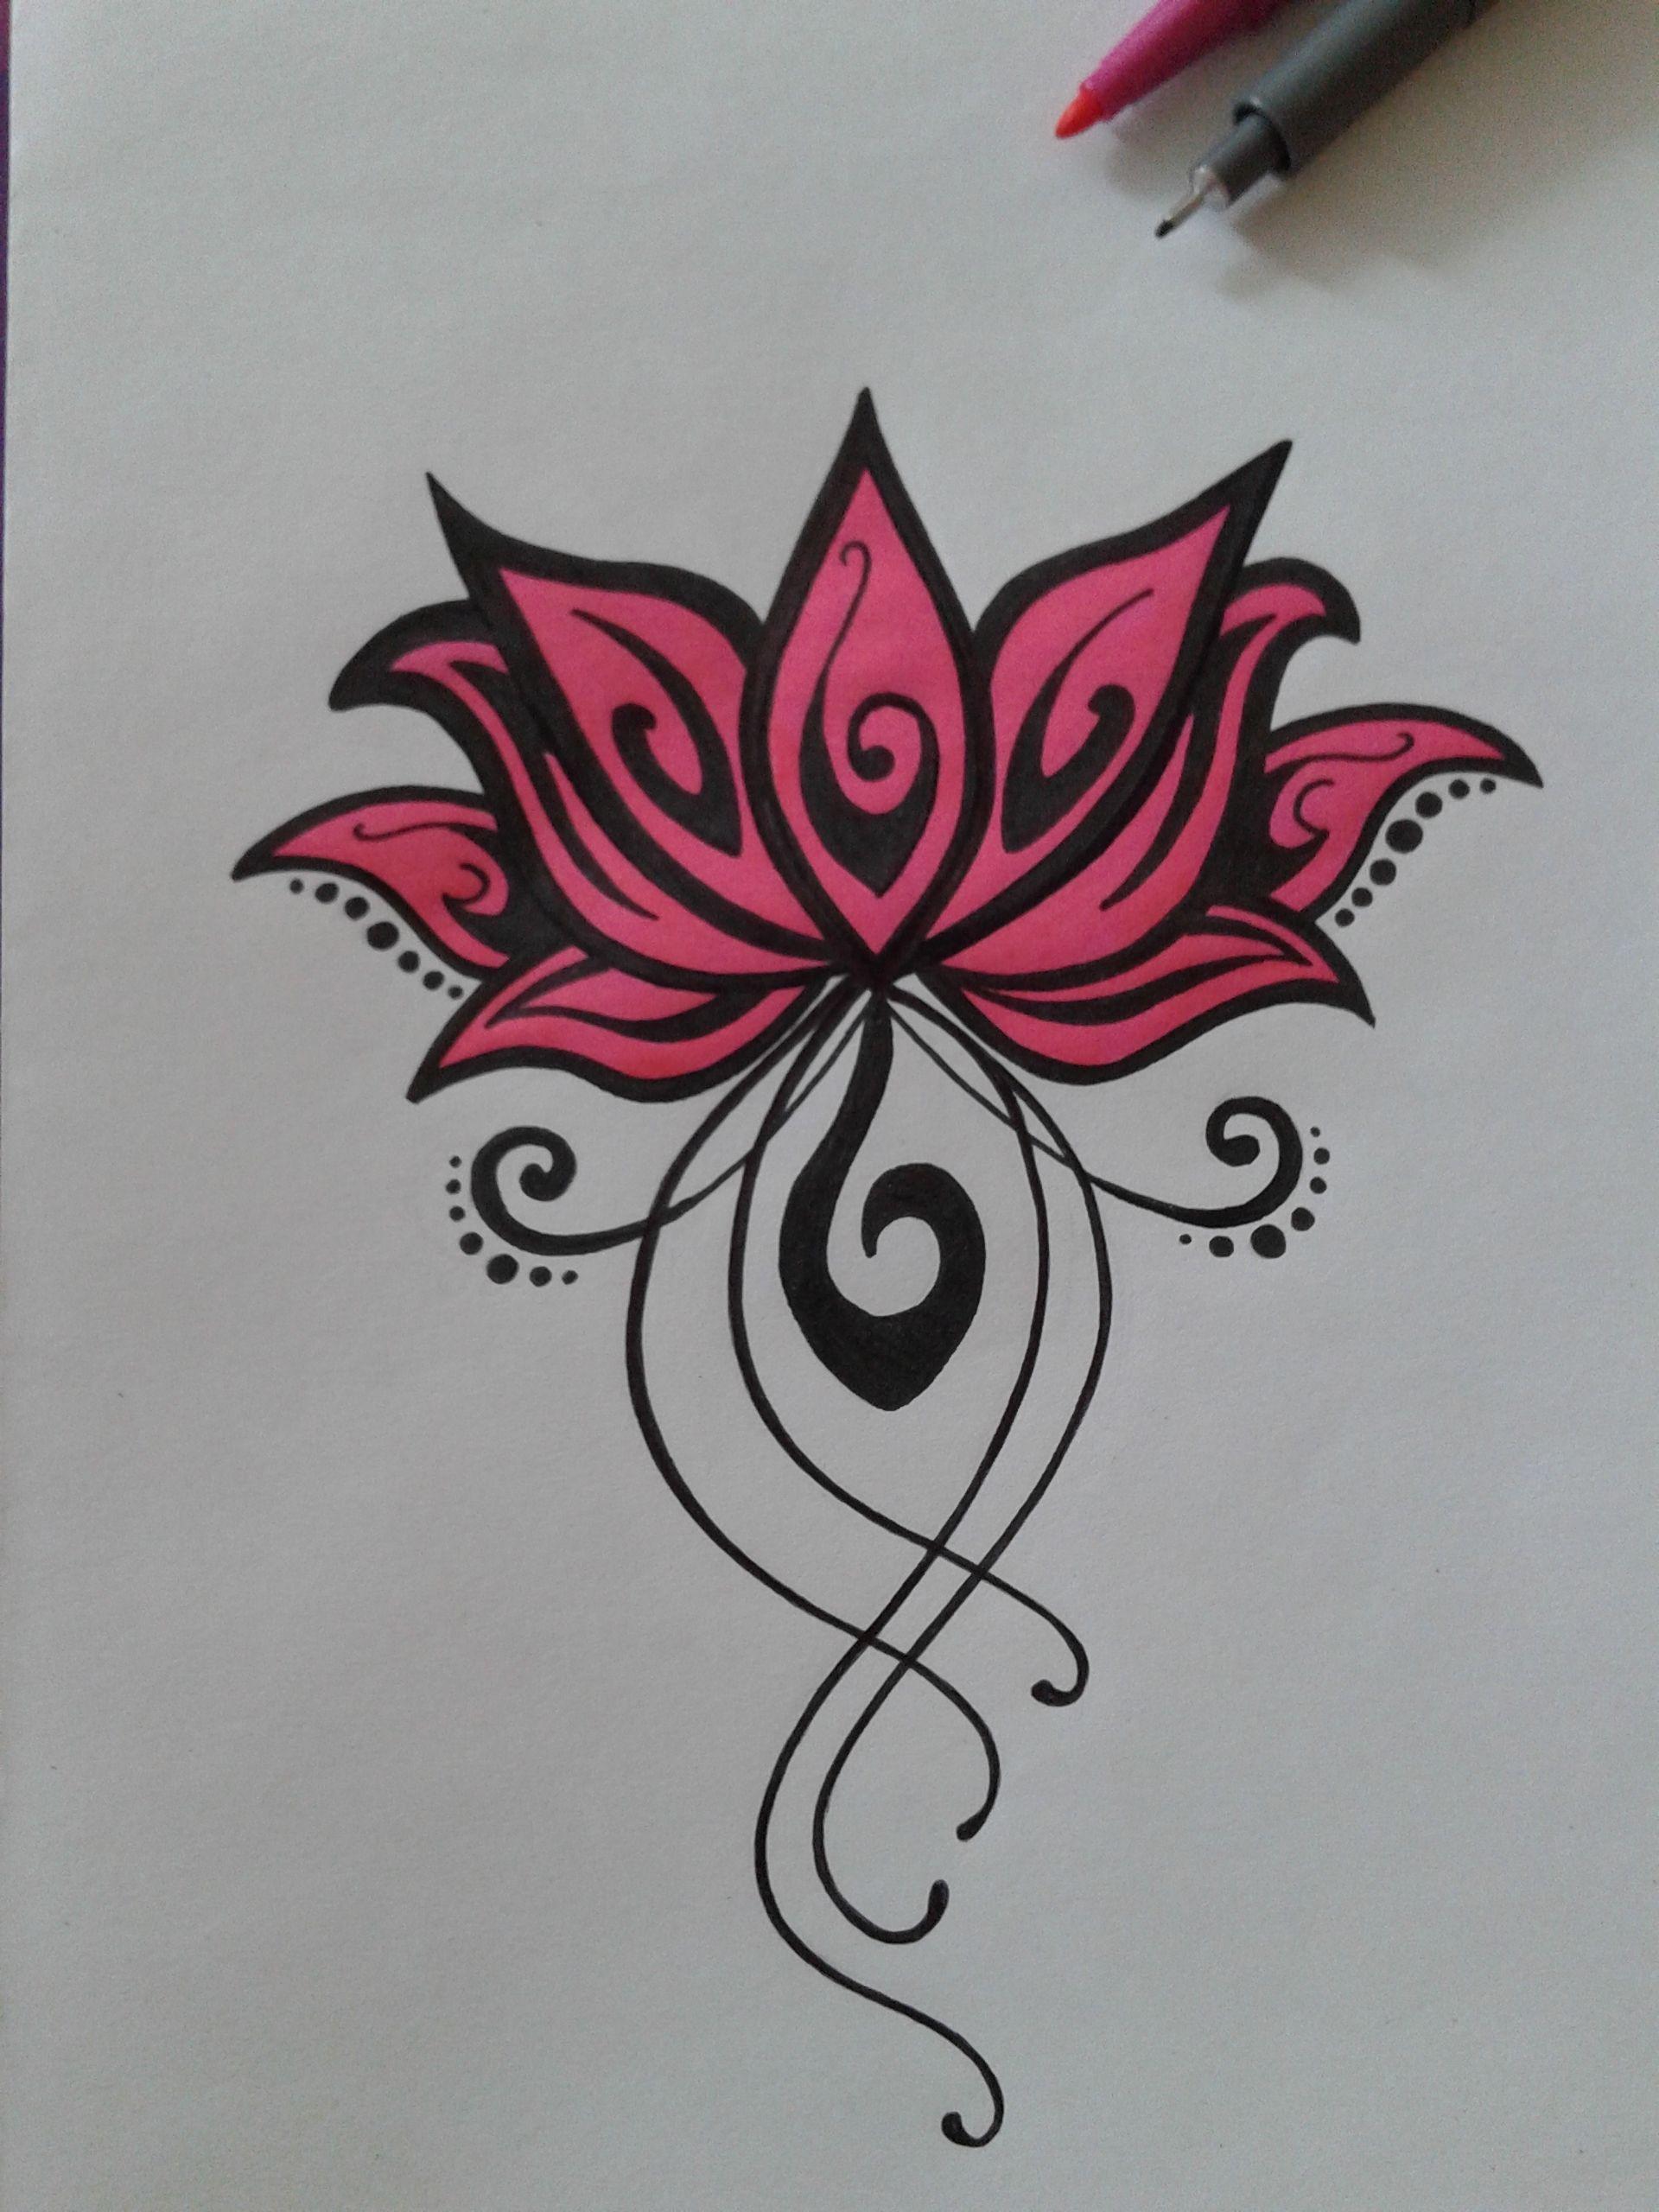 Lotus Flower Buddhist Symbols Pinterest Lotus Flower Tatoos